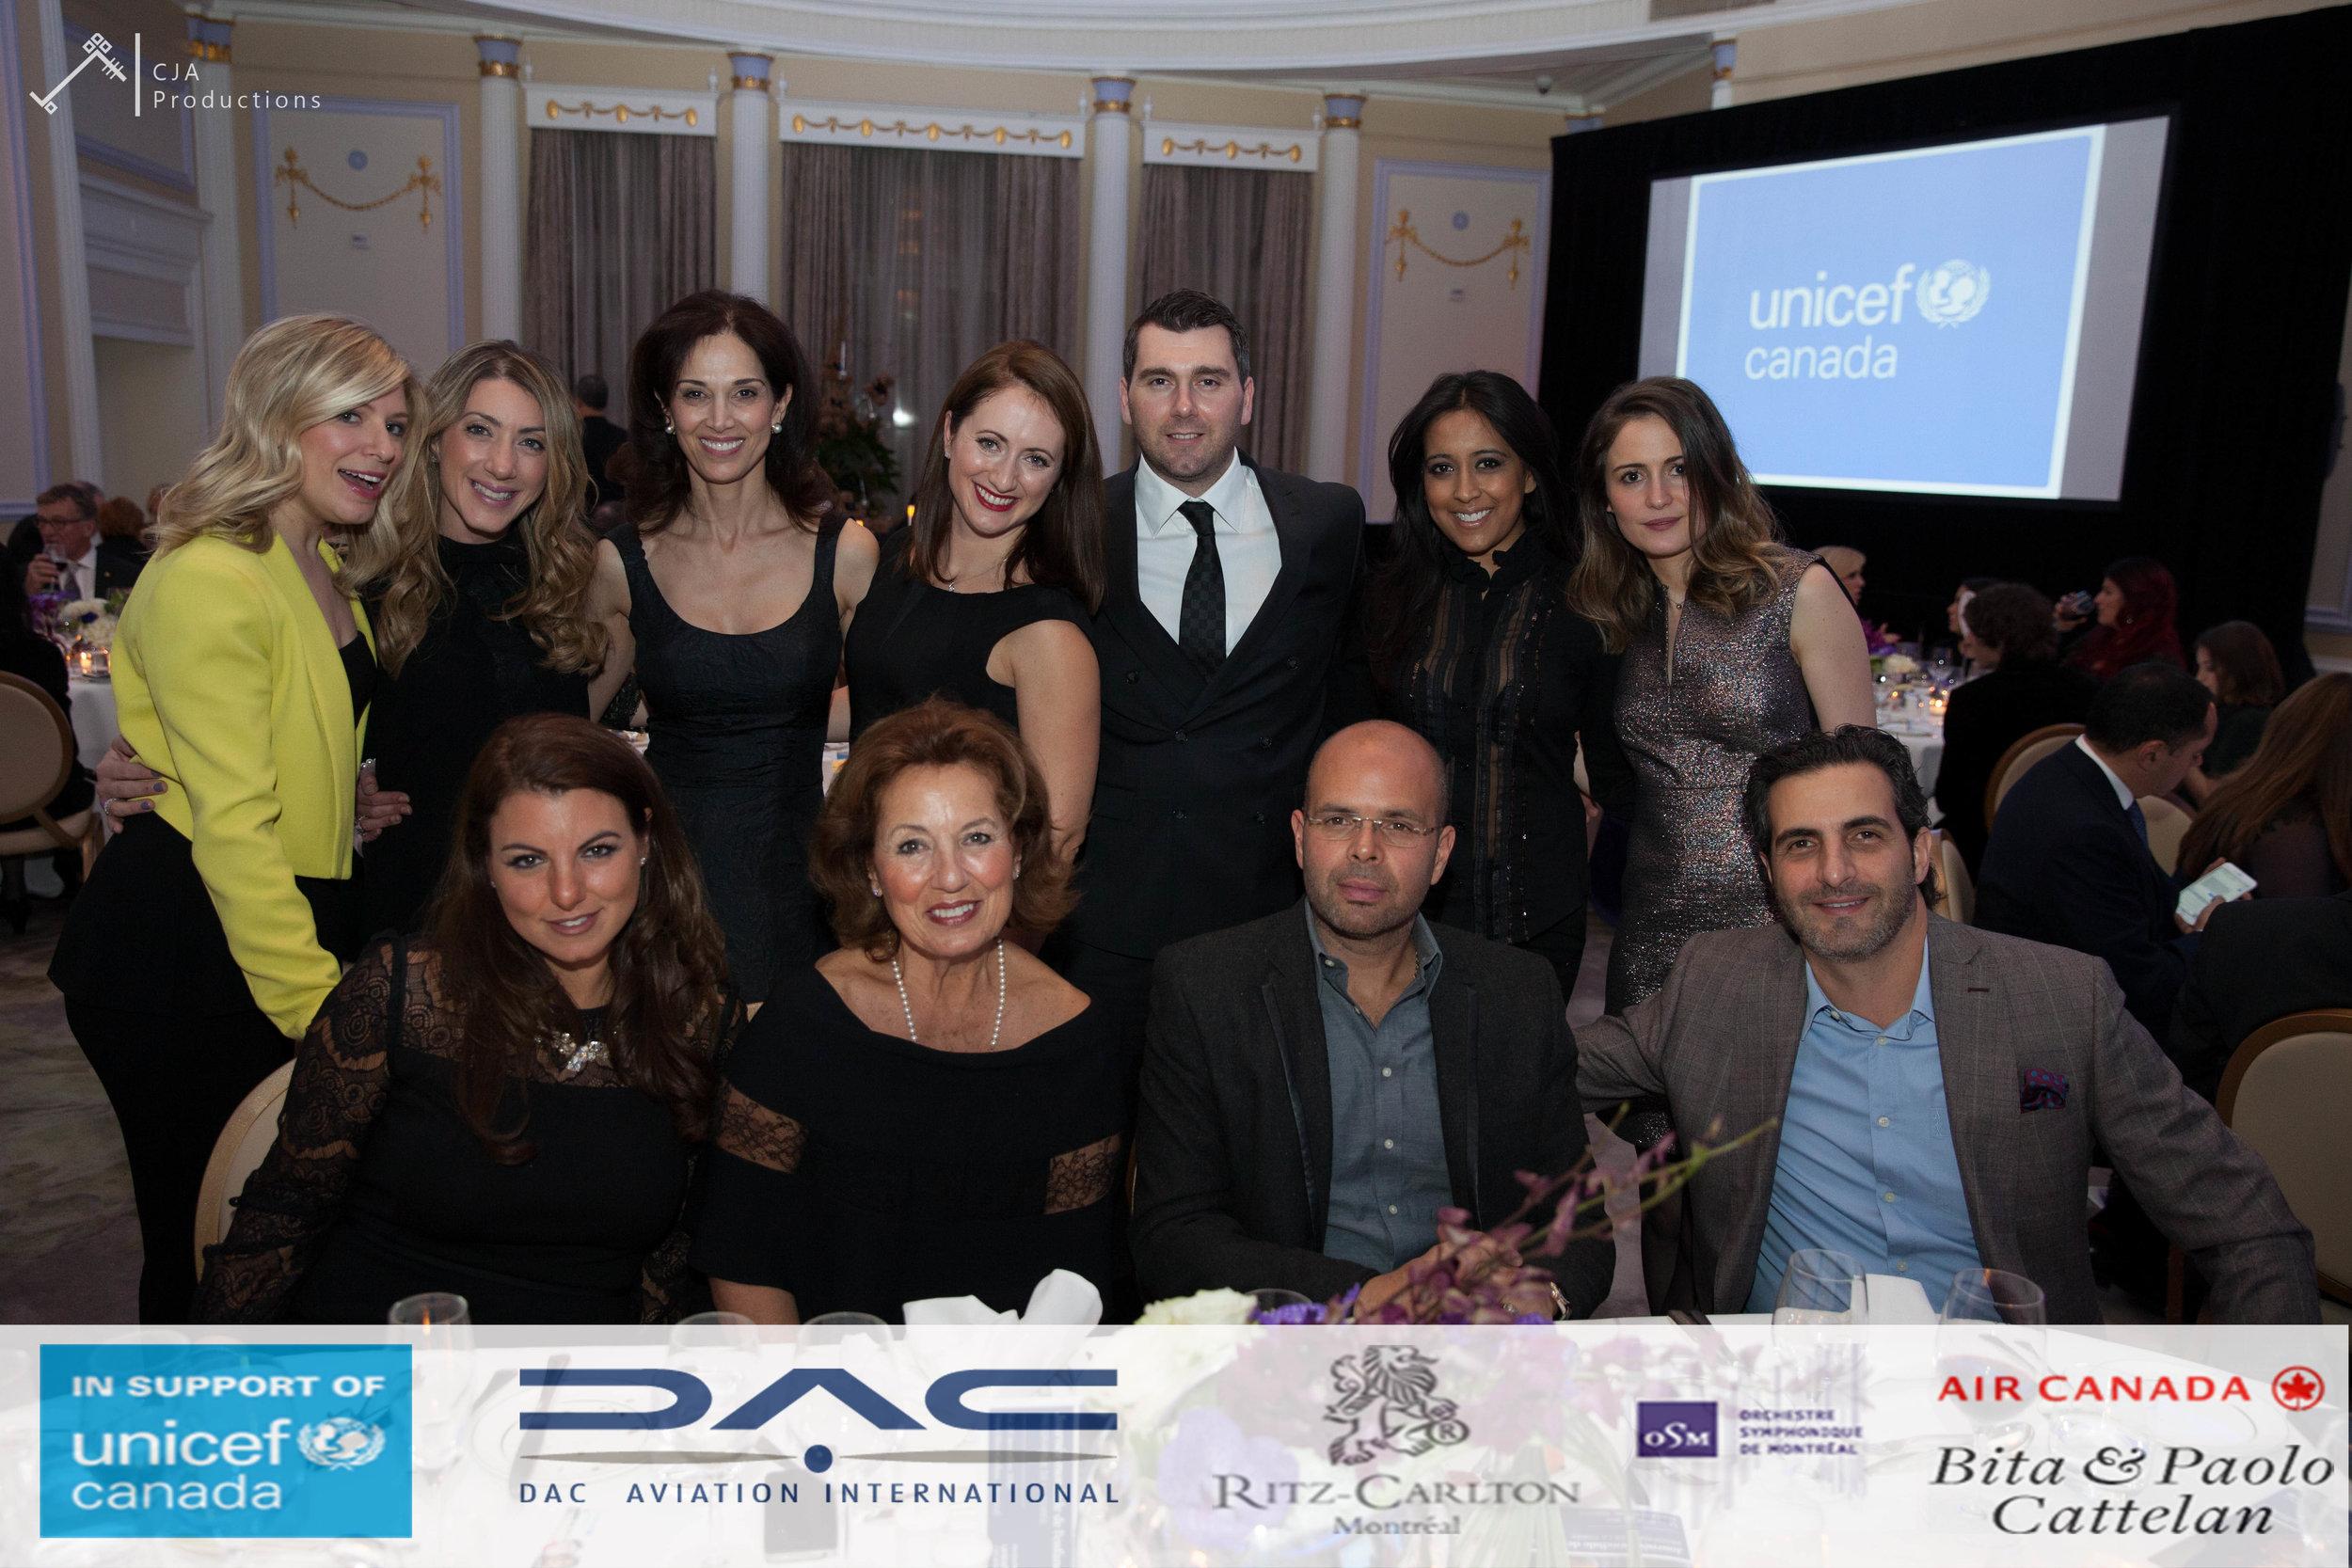 ....Guests & Celebrities (click & hover for details) ..Invités et vedettes (cliquez pour détails)....